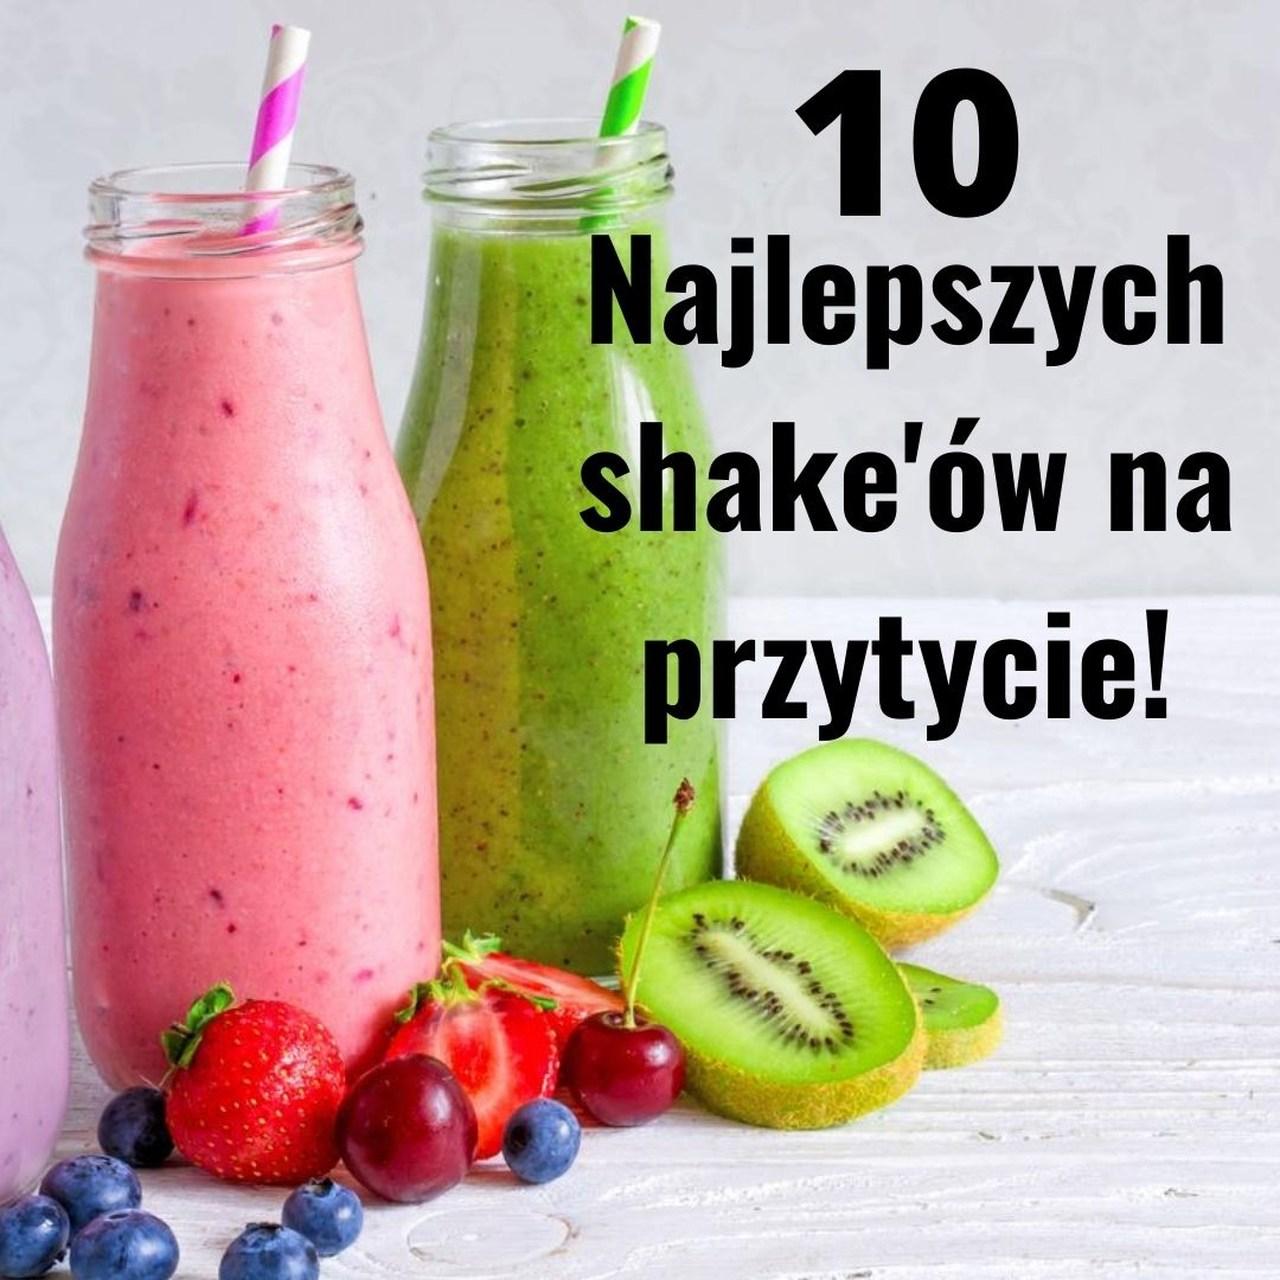 10 najlepszych shake'ów na przytycie!